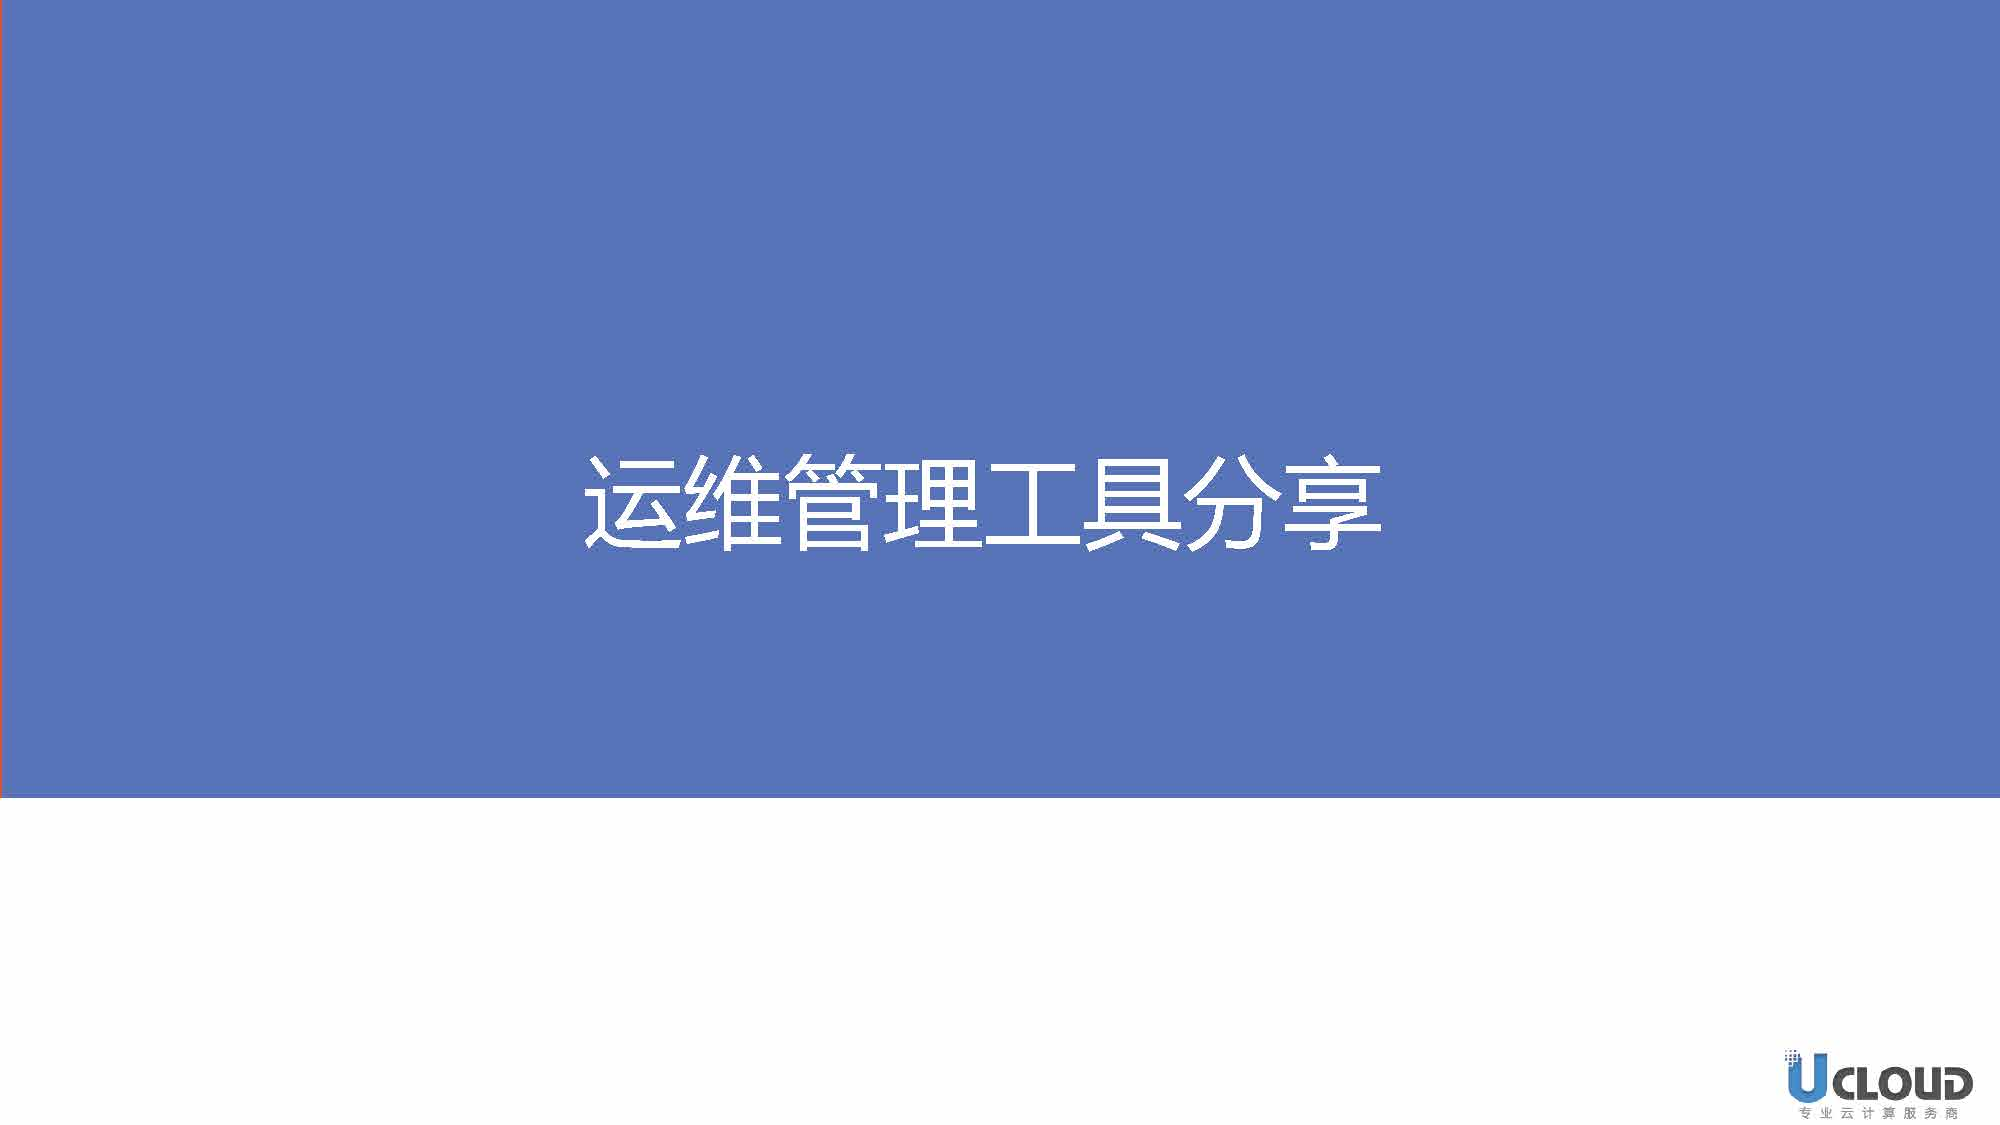 杨维-运维管理工具分享